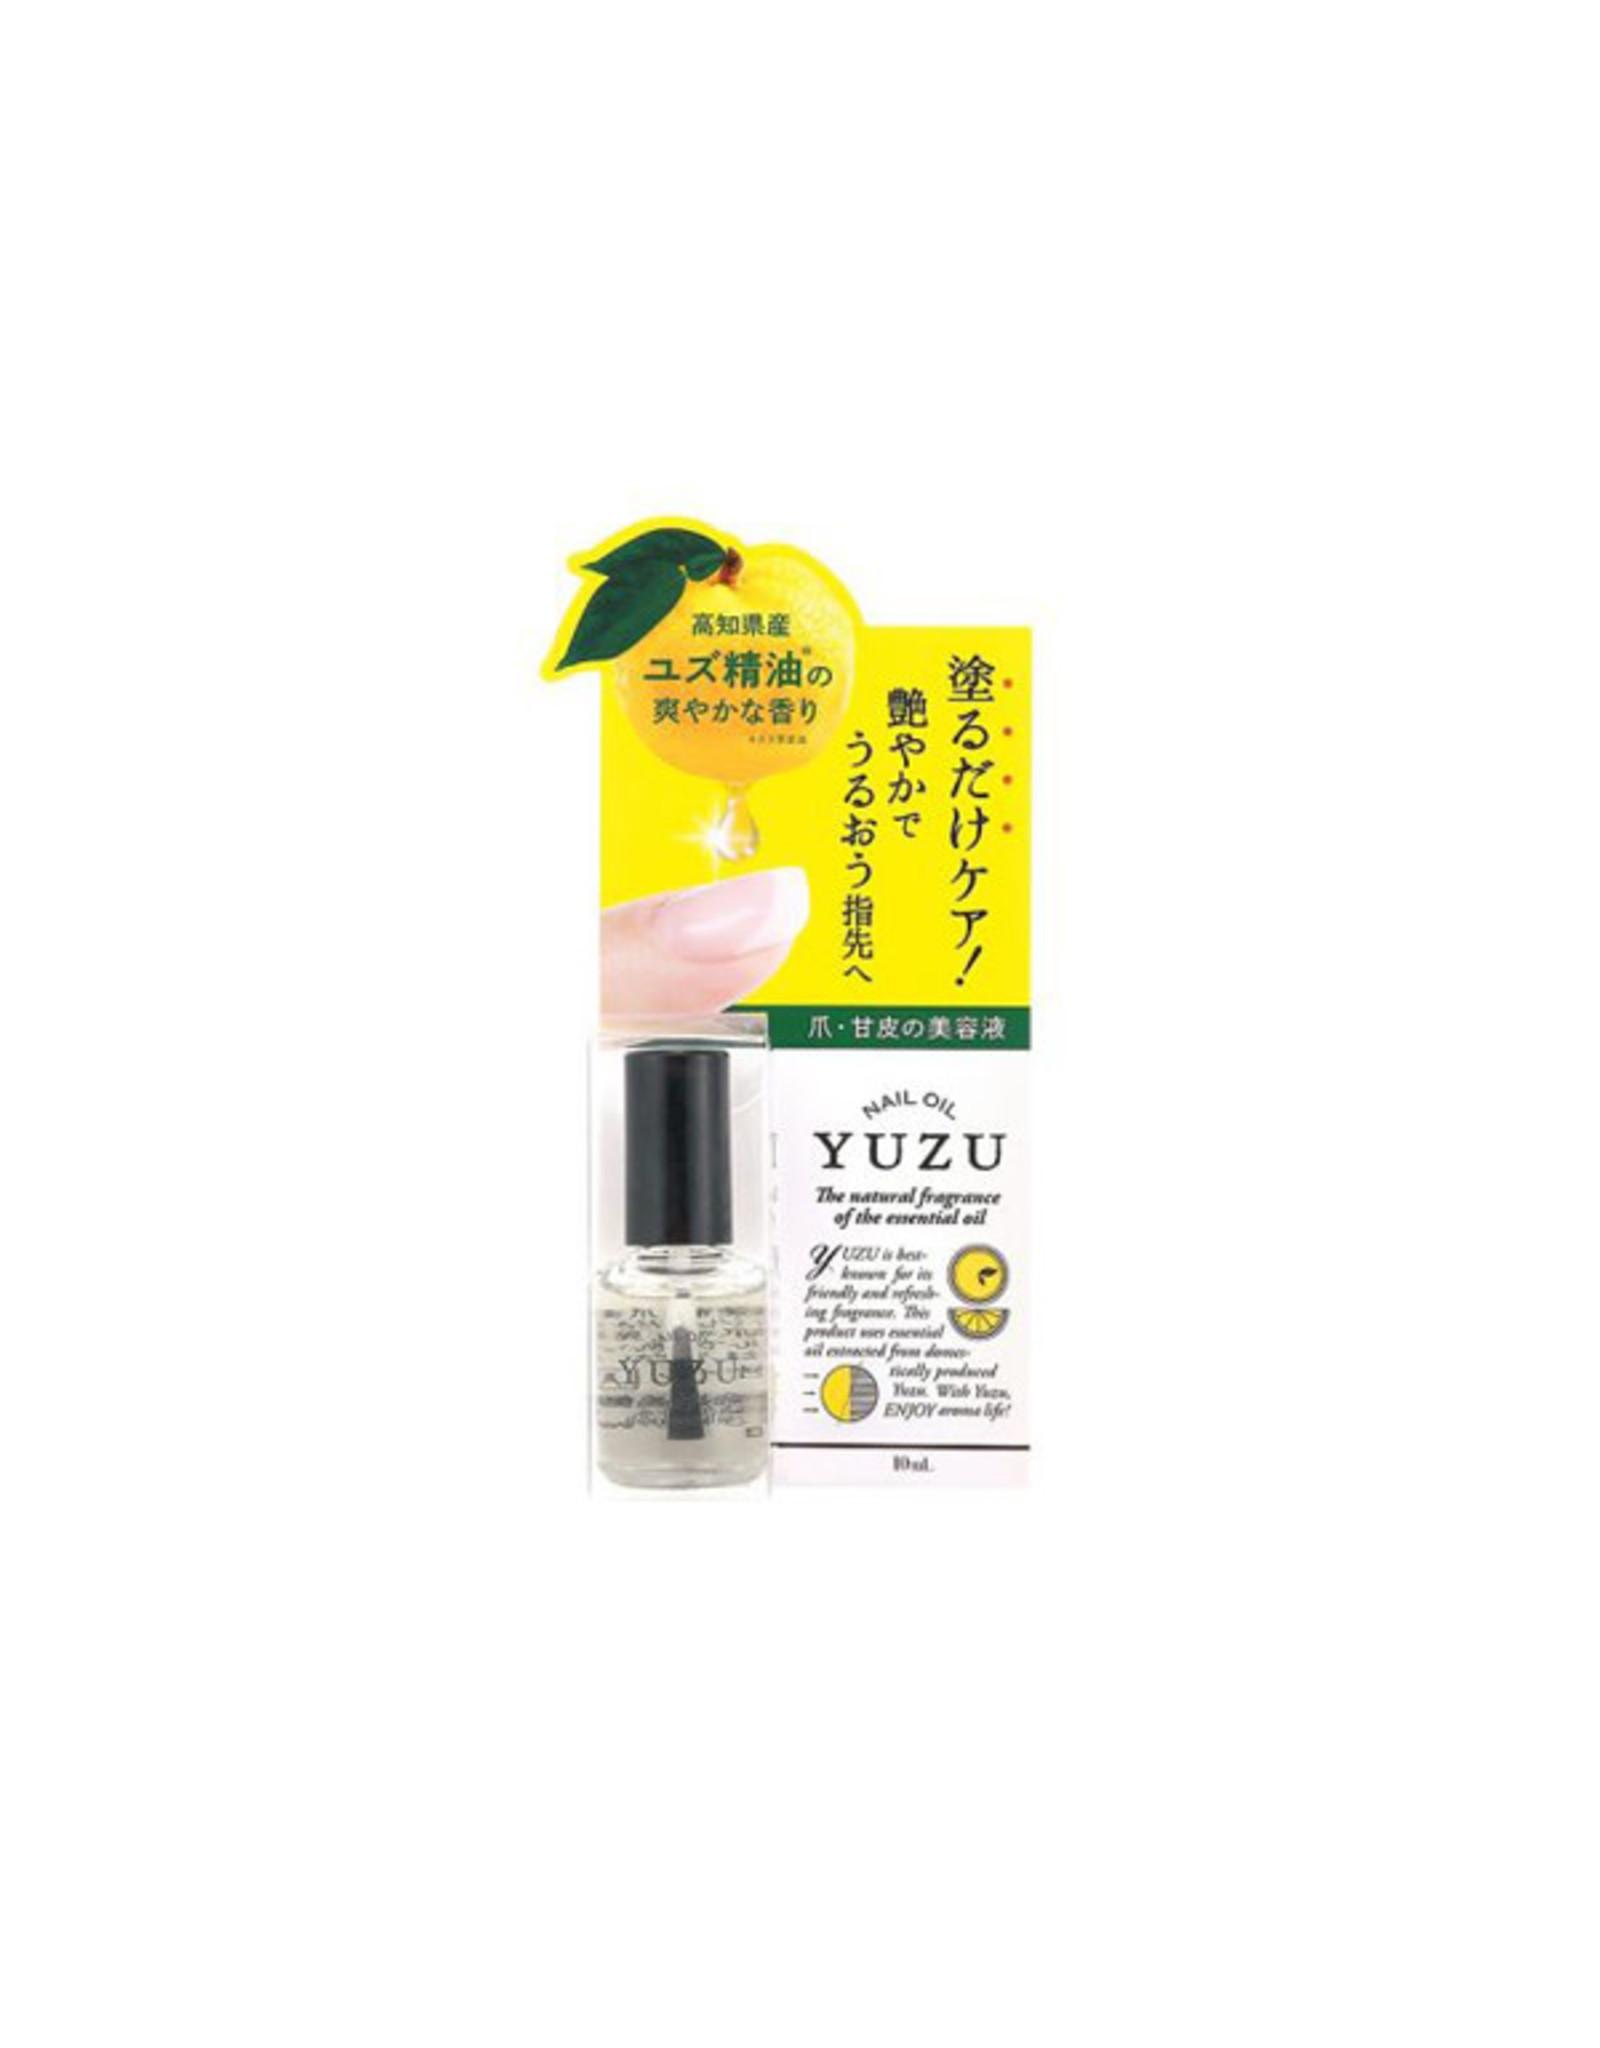 Yuzu Nail Oil 10ml